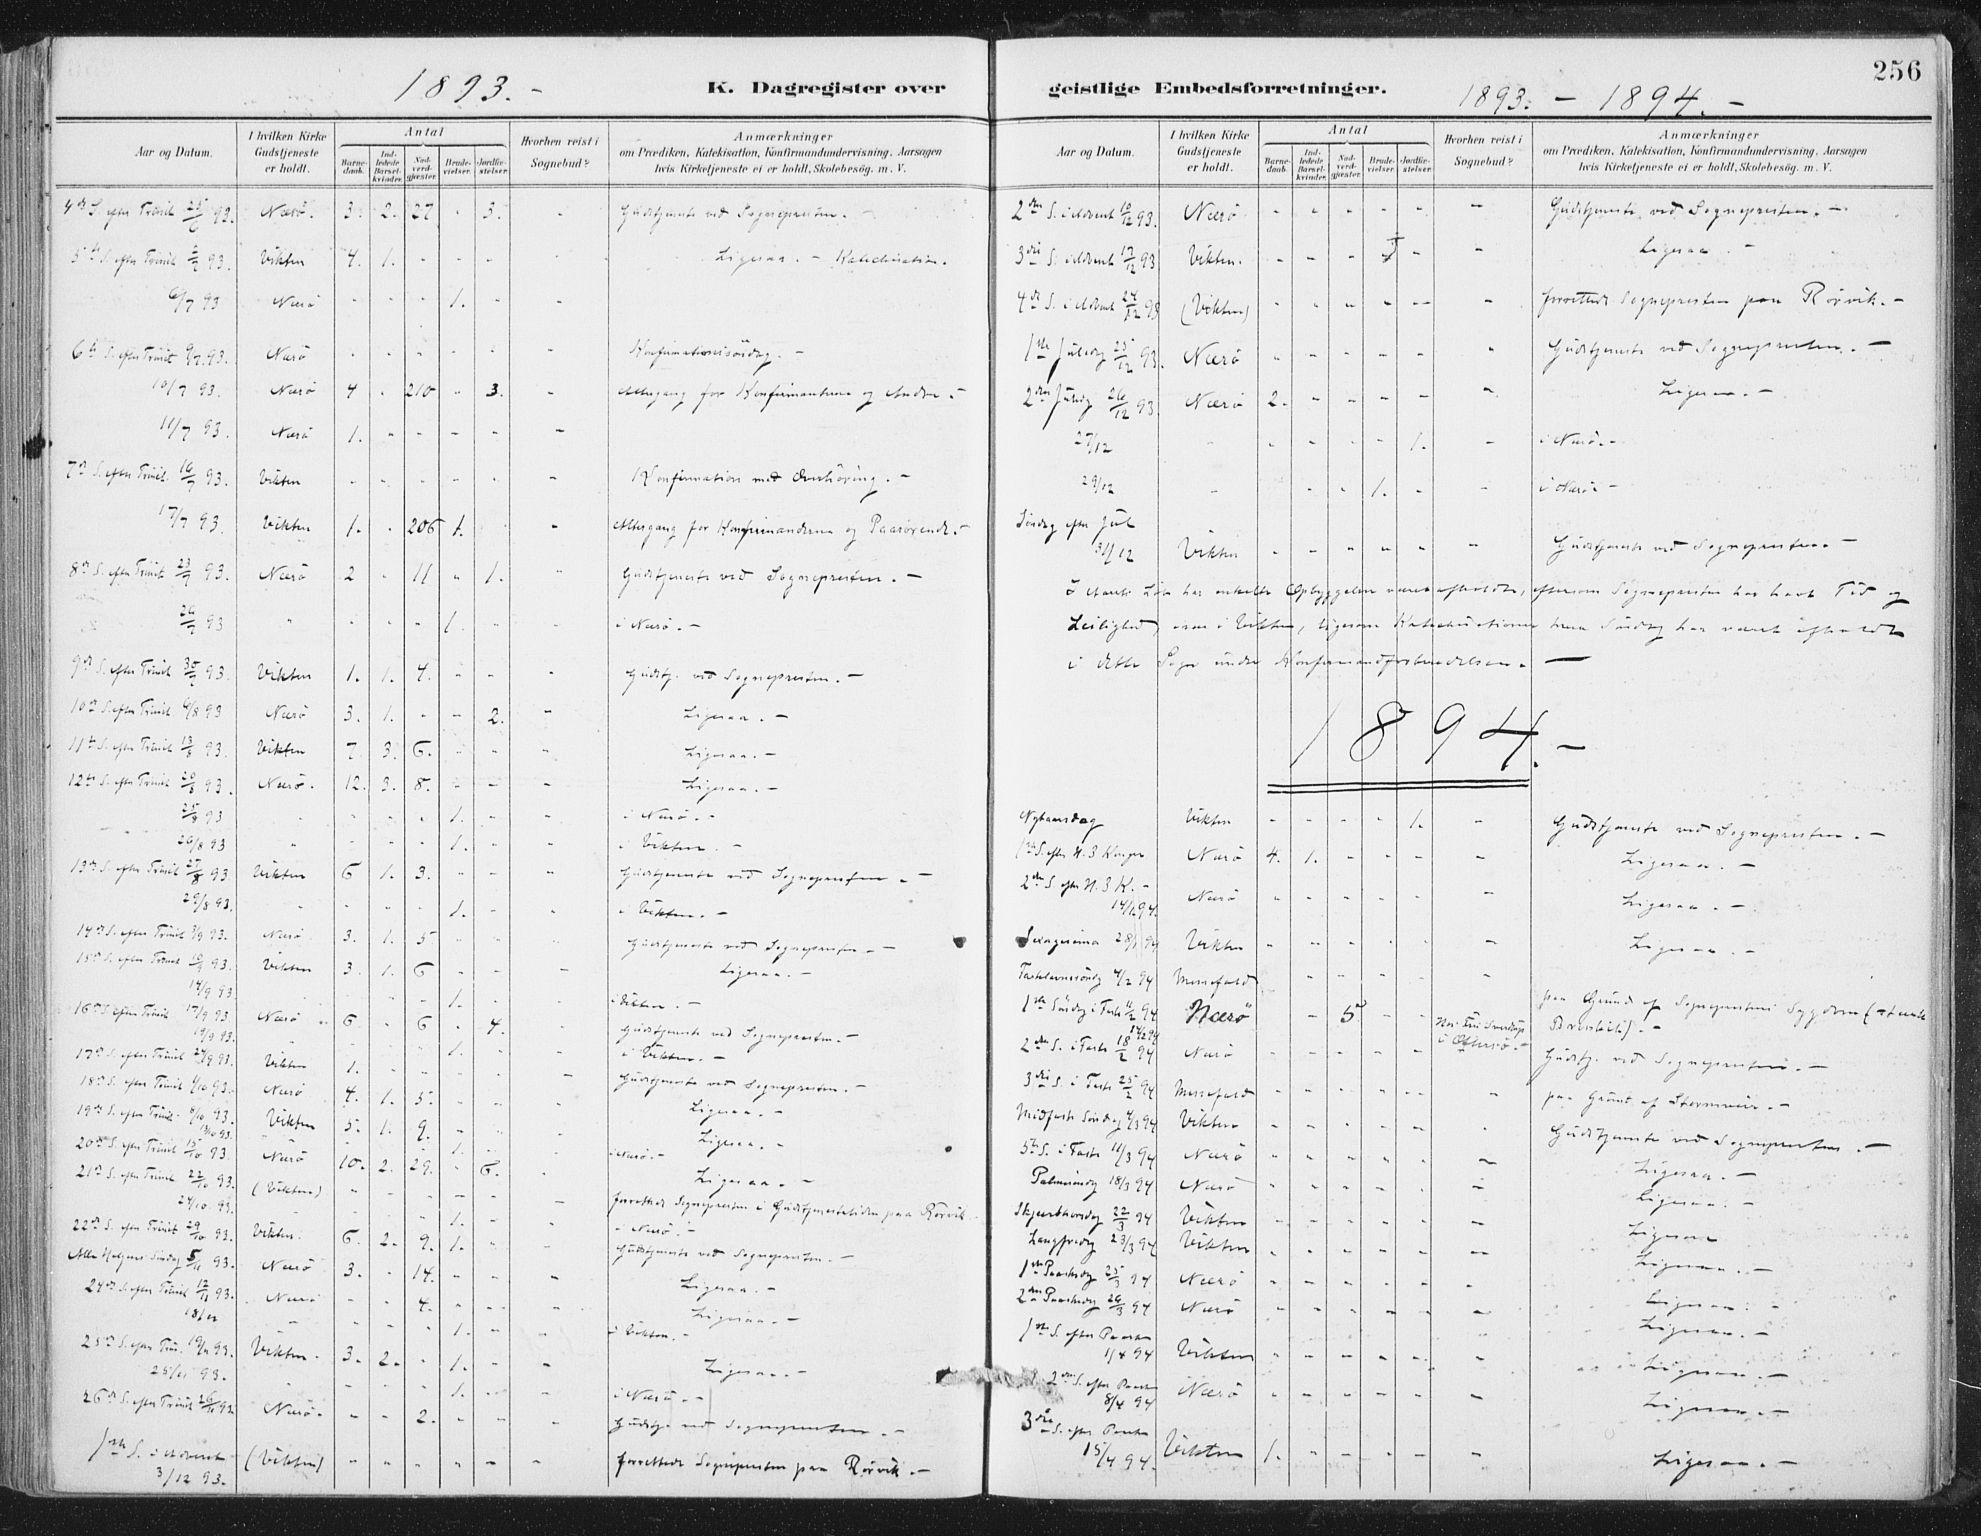 SAT, Ministerialprotokoller, klokkerbøker og fødselsregistre - Nord-Trøndelag, 784/L0673: Ministerialbok nr. 784A08, 1888-1899, s. 256